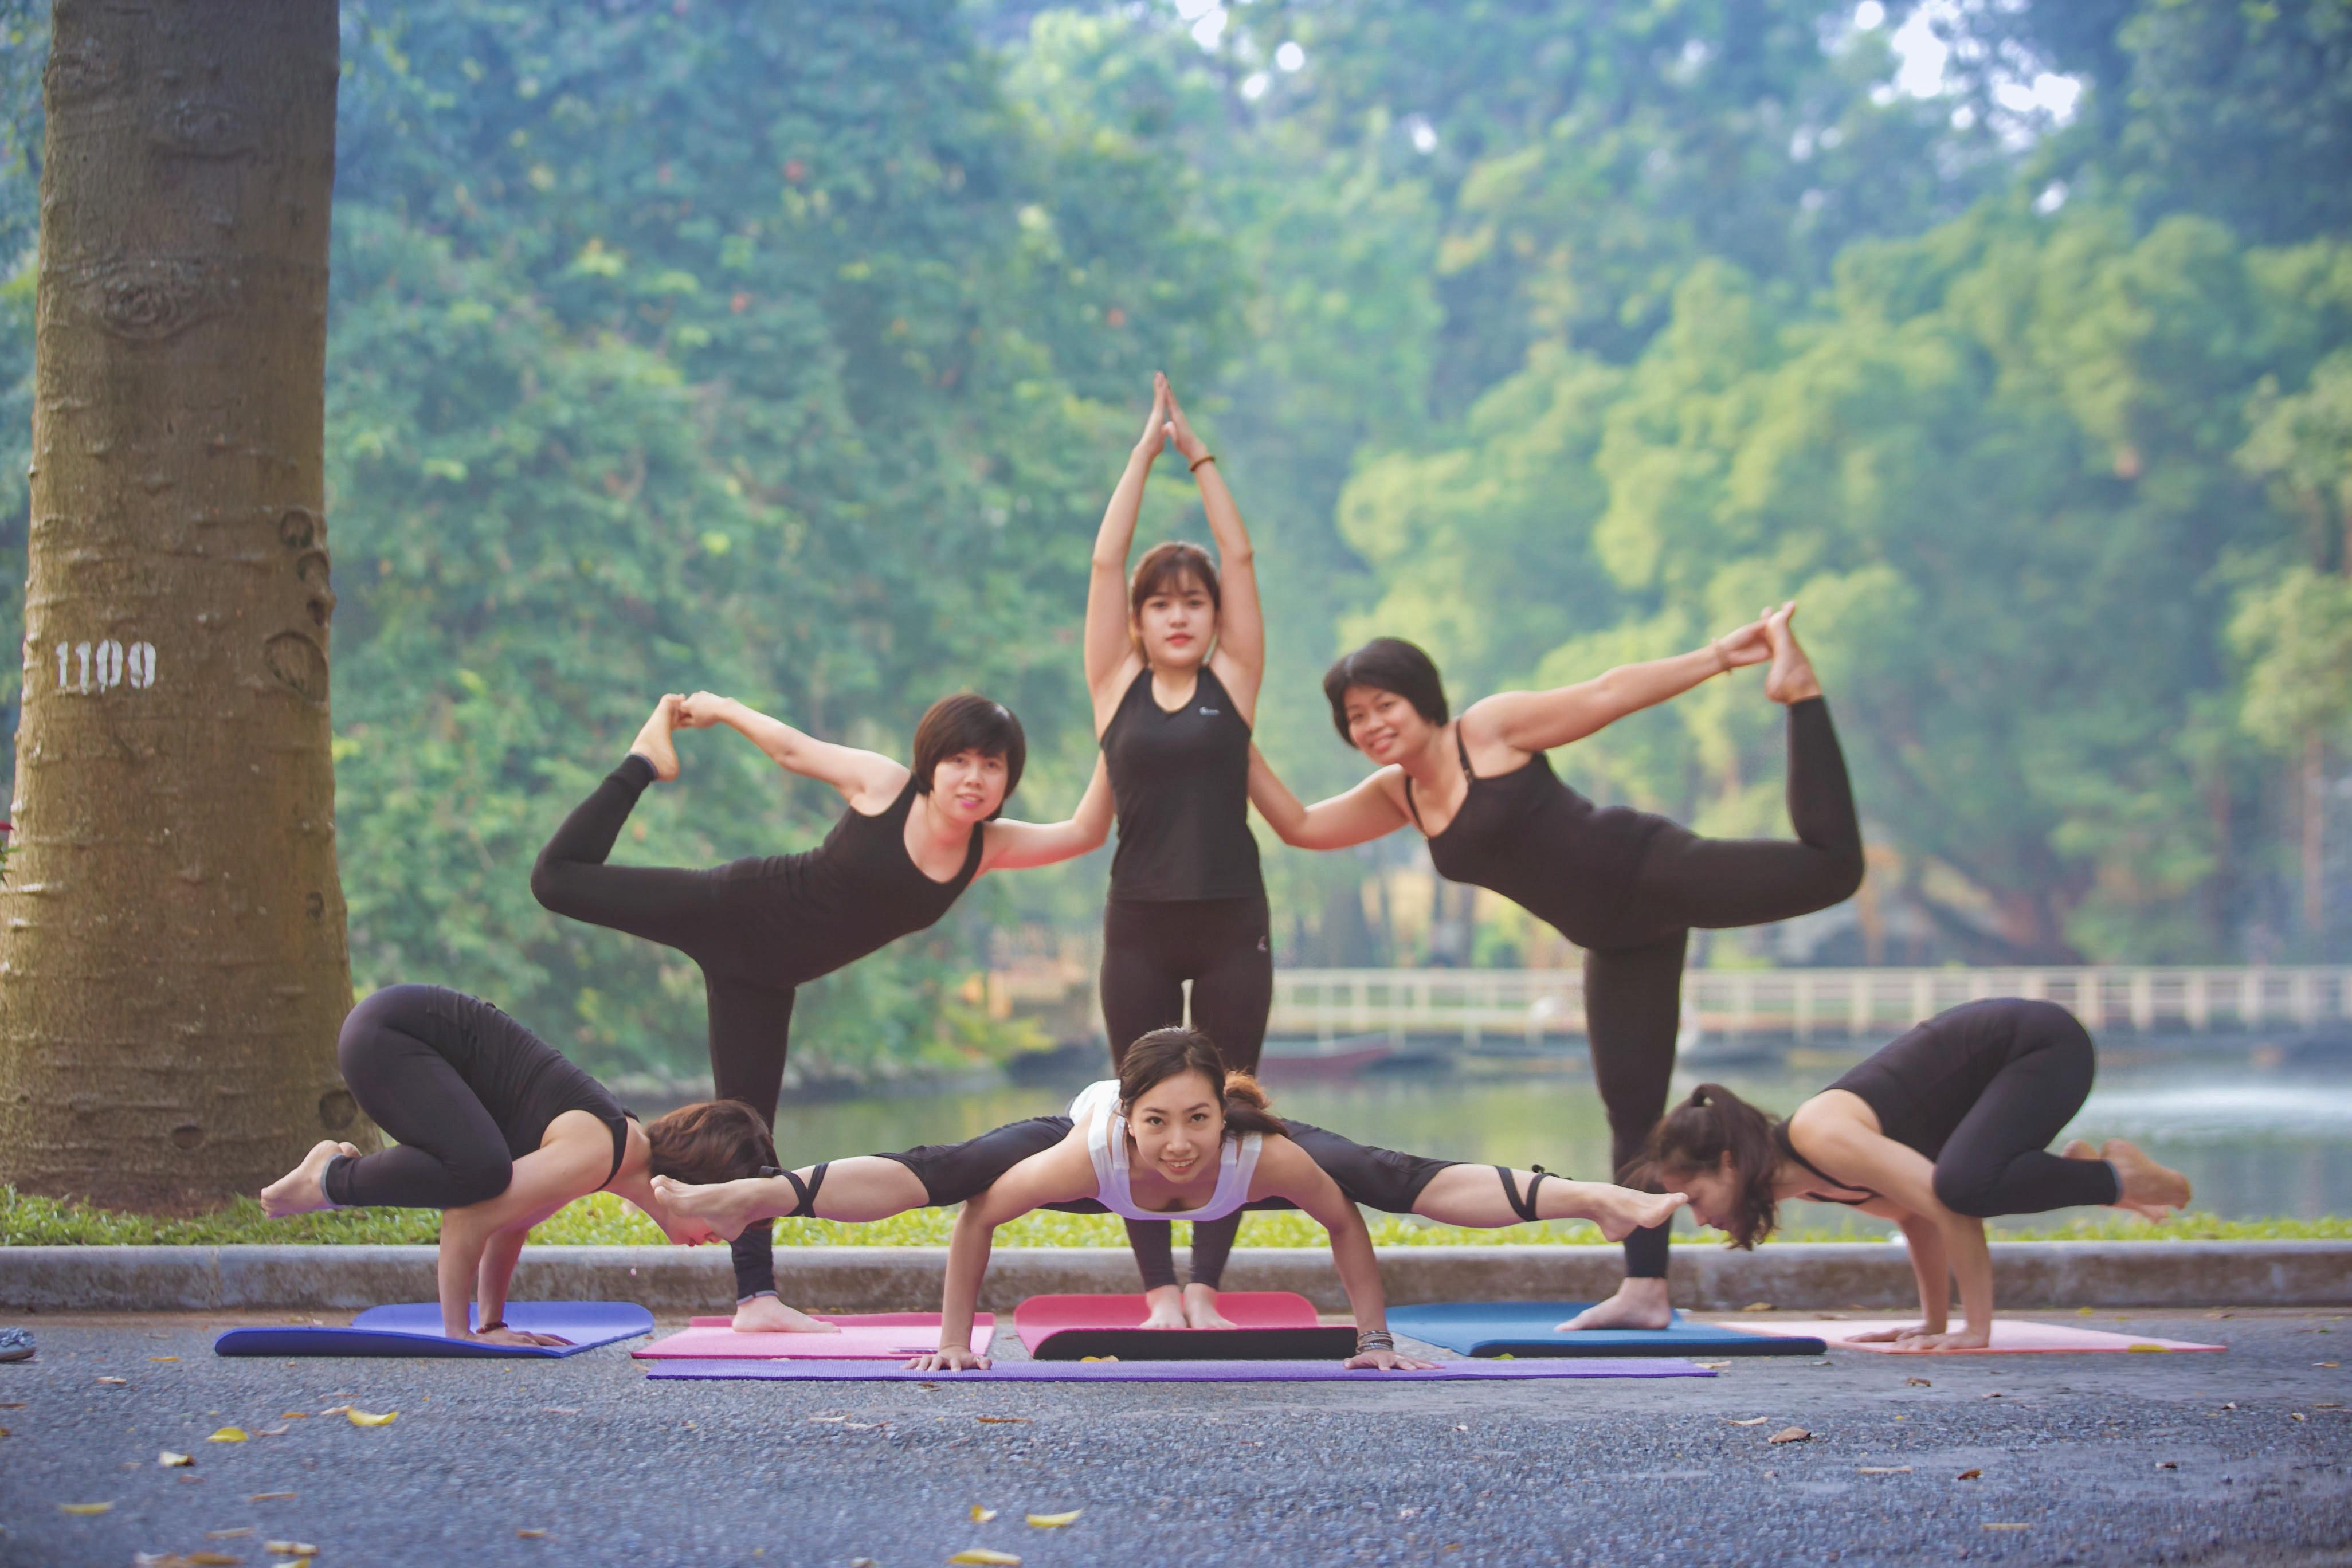 """""""Cô gái Vàng"""" của Yoga Việt Nam hướng dẫn 3 bài tập đơn giản, tự chữa bệnh cho mọi người - Ảnh 11."""